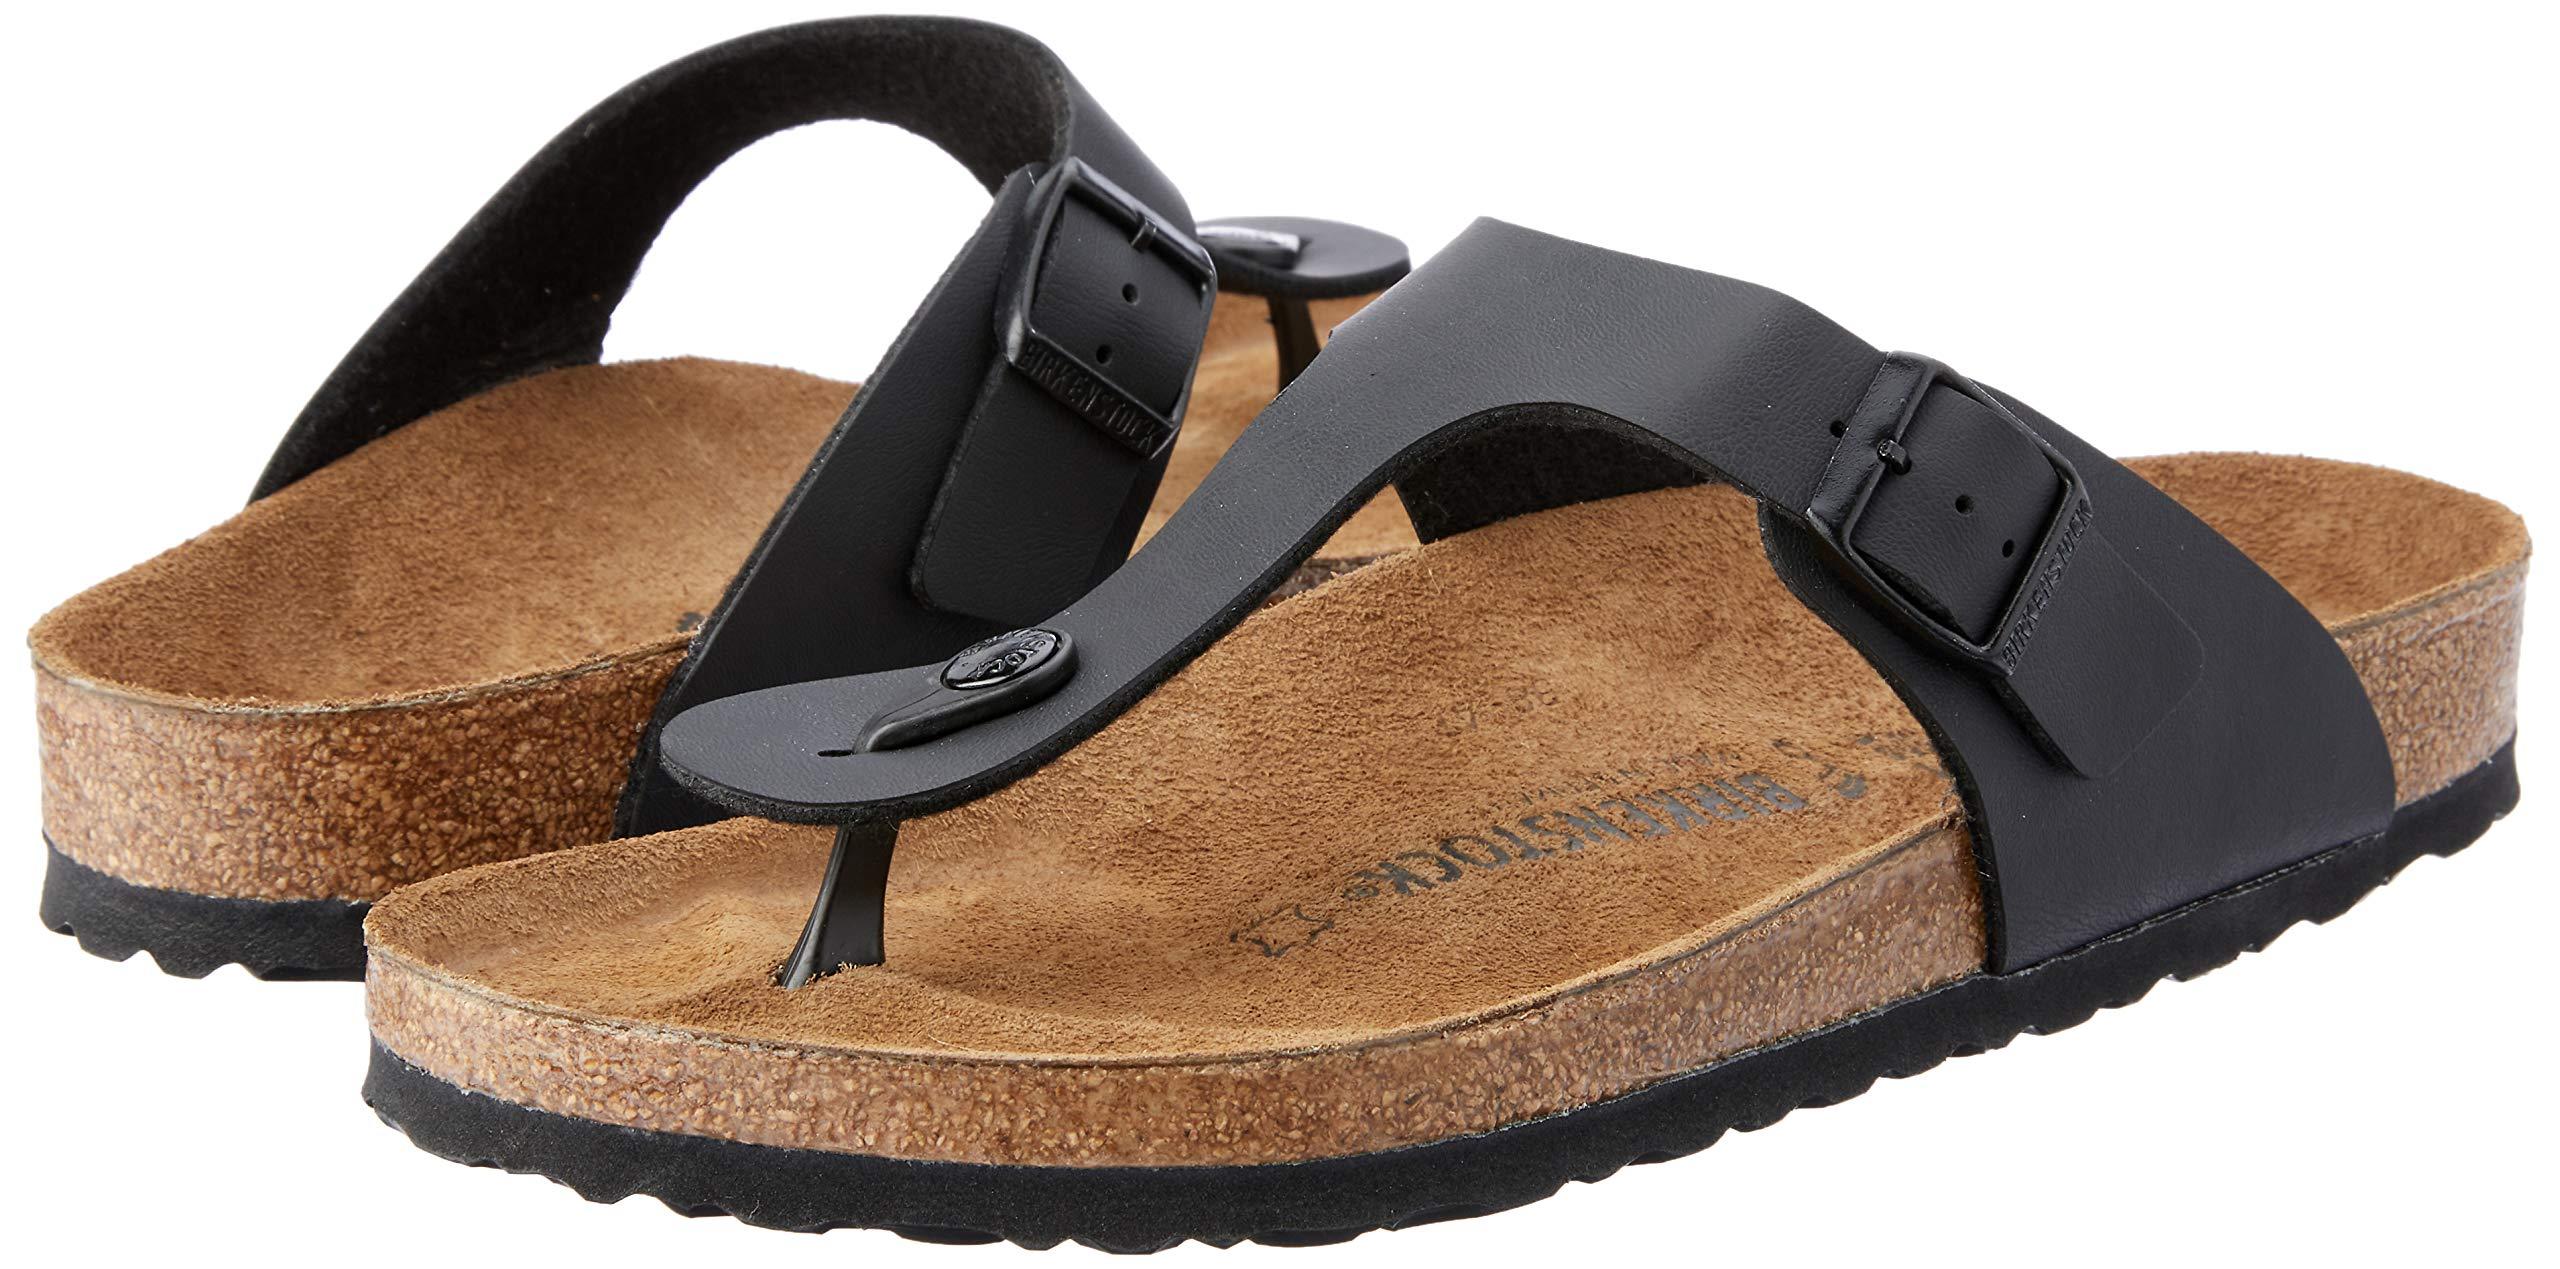 Birkenstock-Women-039-s-Gizeh-Thong-Sandals thumbnail 8